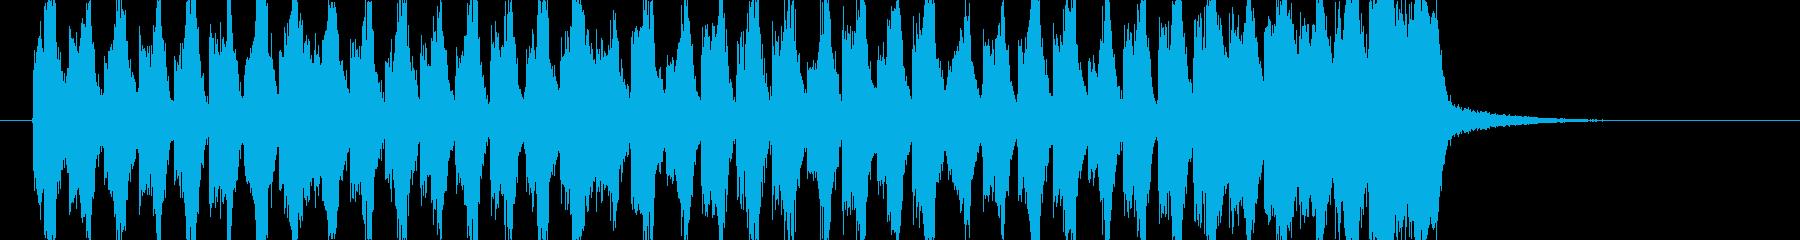 煽りEDM アイネクライネ ショート1の再生済みの波形